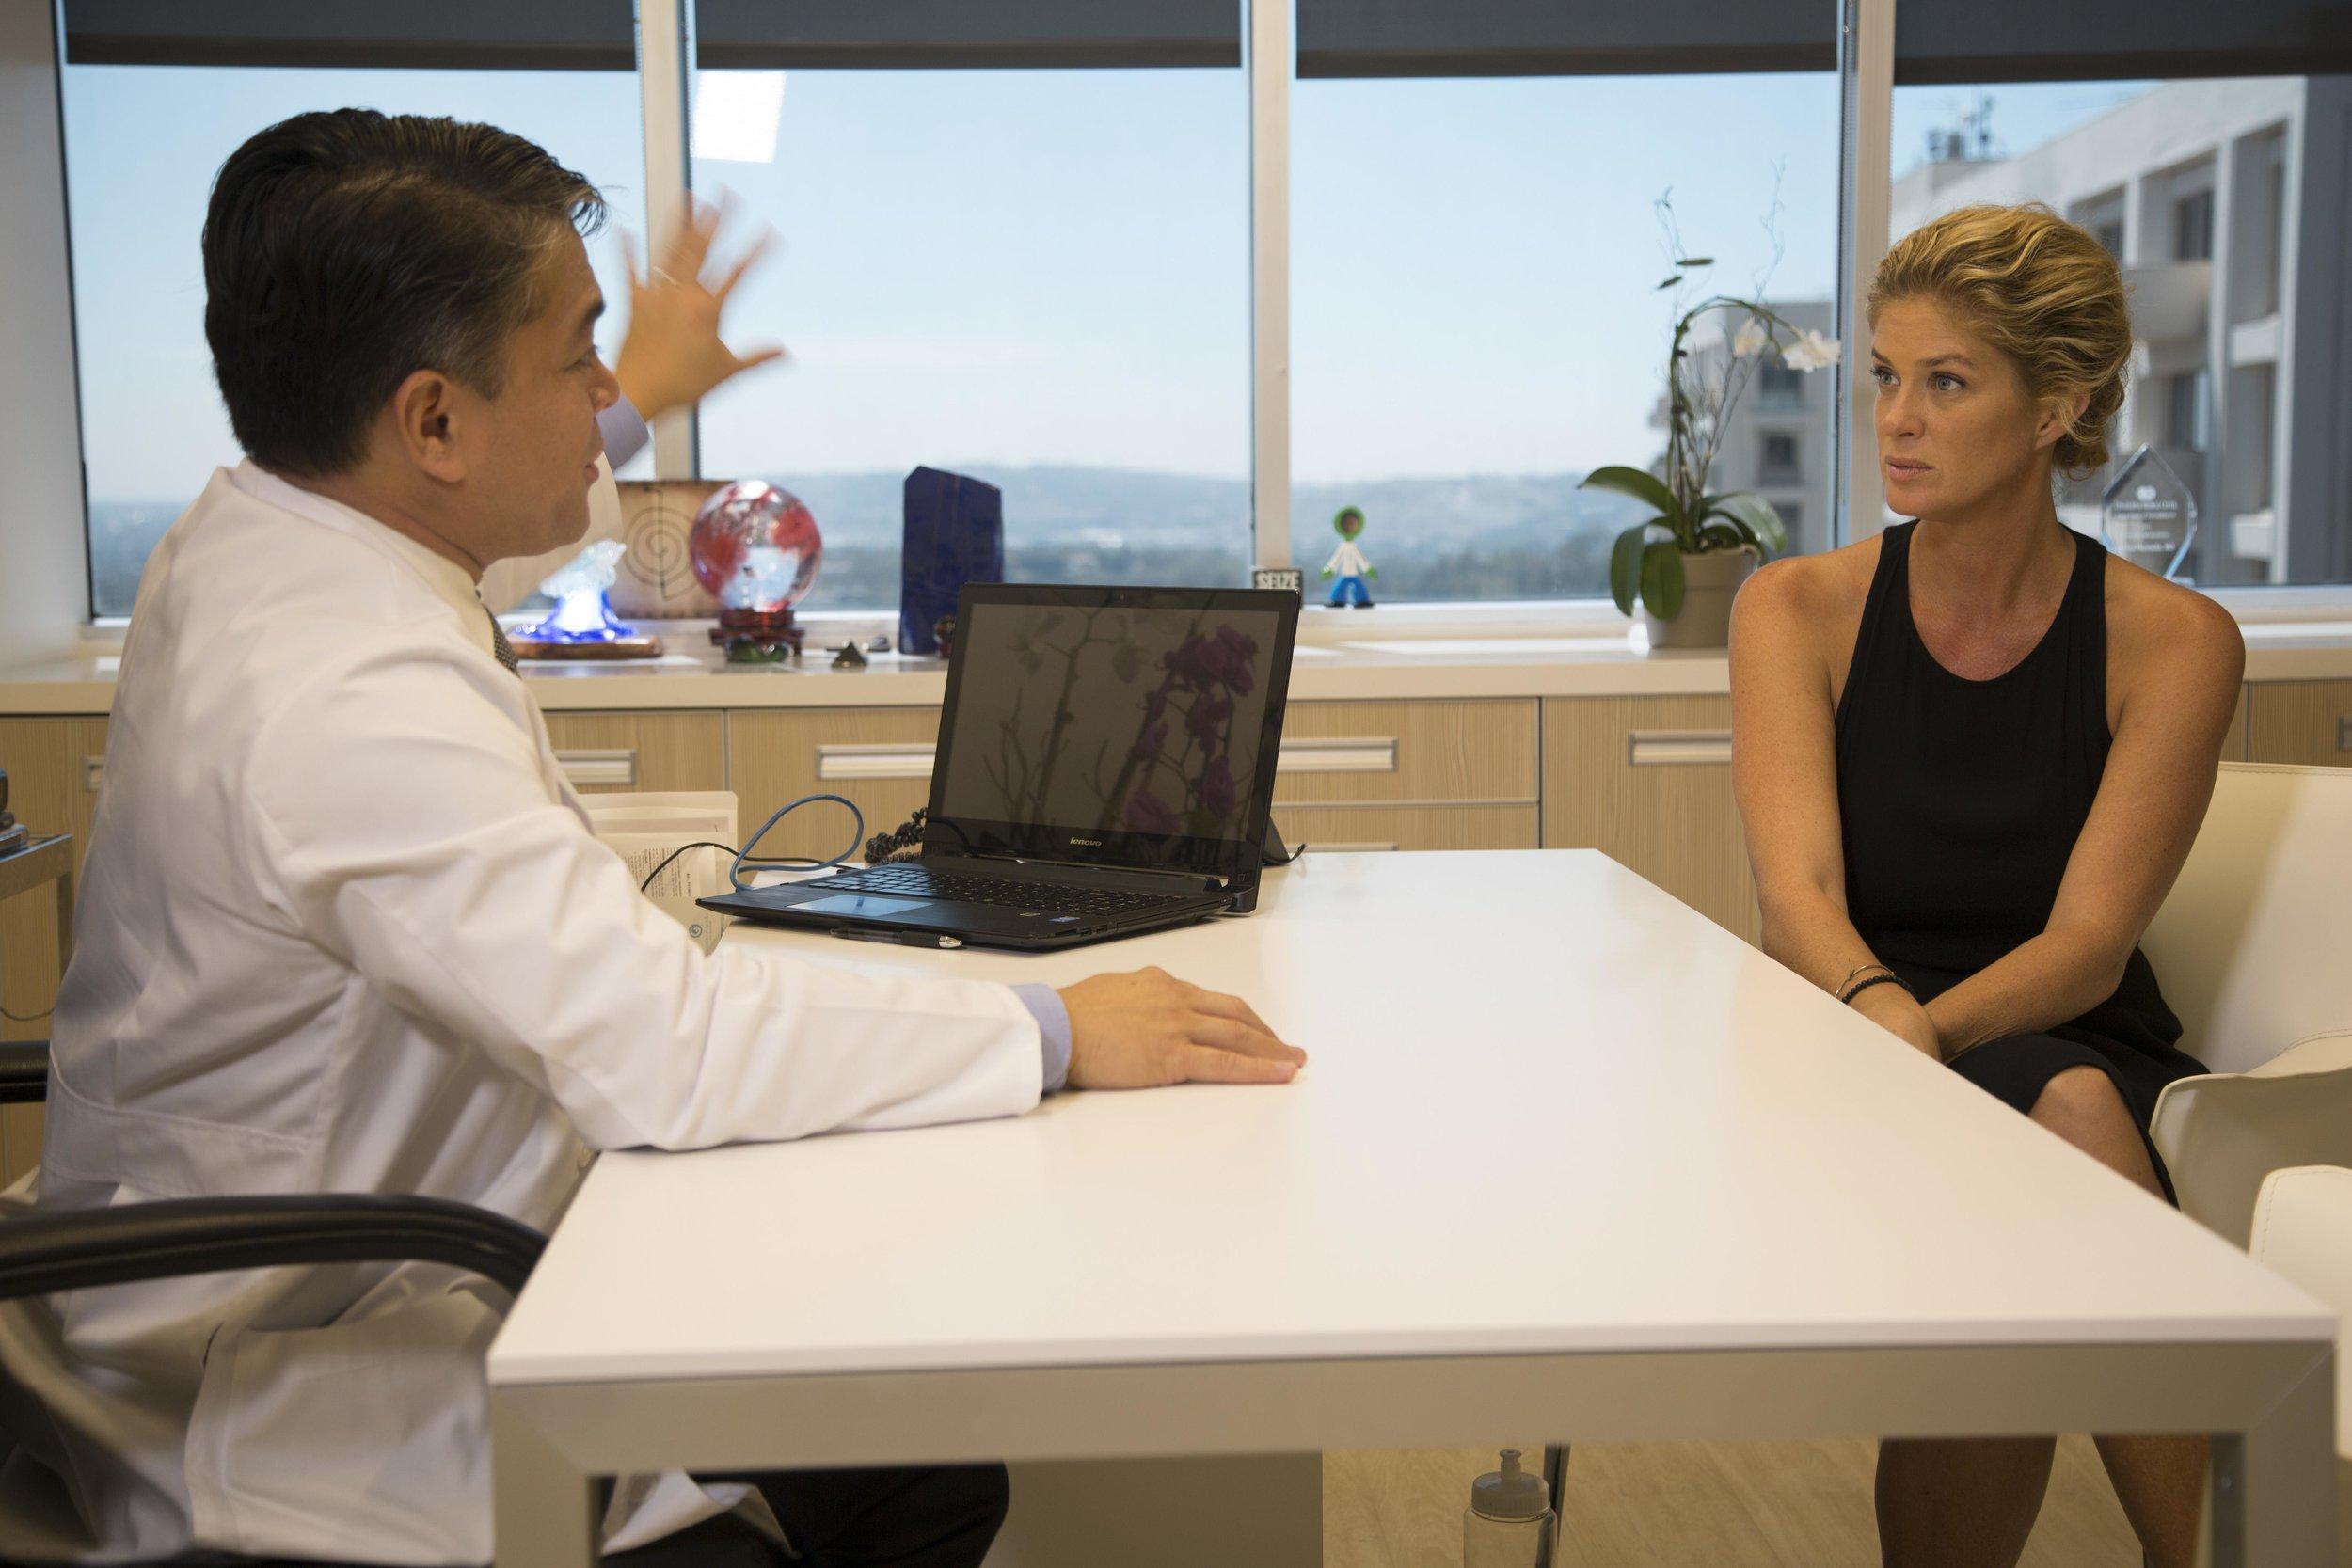 Q&A with Dr Honrado -